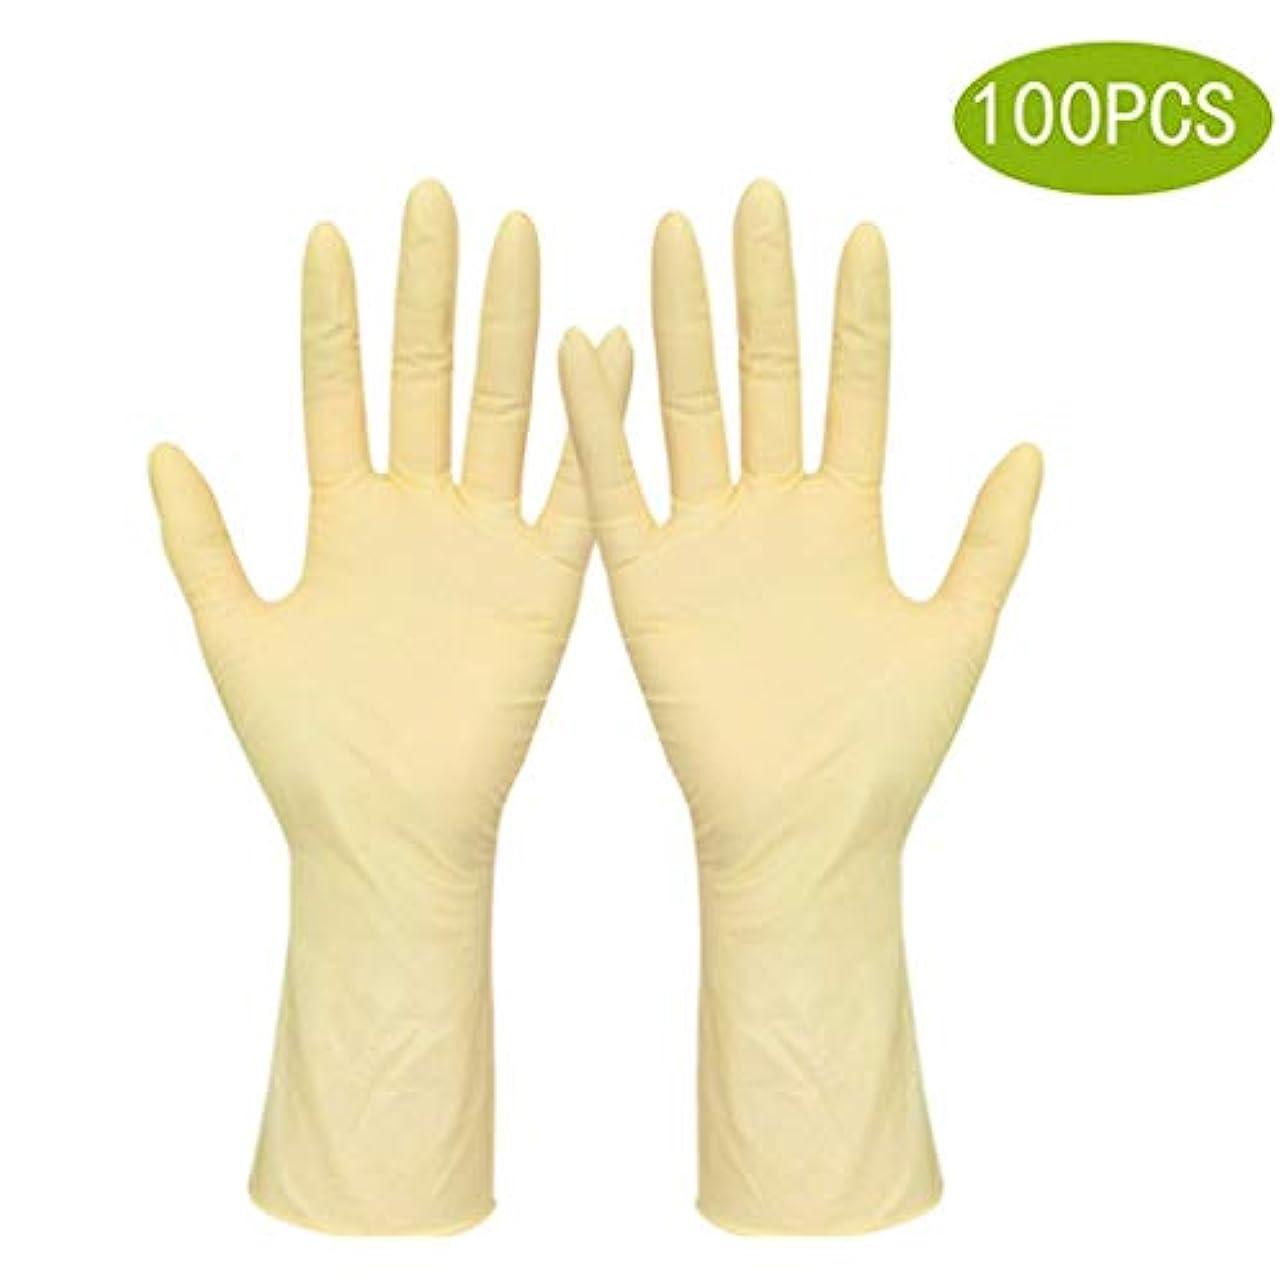 法廷旋律的映画ラテックス手袋4ミル使い捨て手袋 - 試験グレード、パウダーフリー、テクスチャード加工、非滅菌、小、100個入り (Size : S)